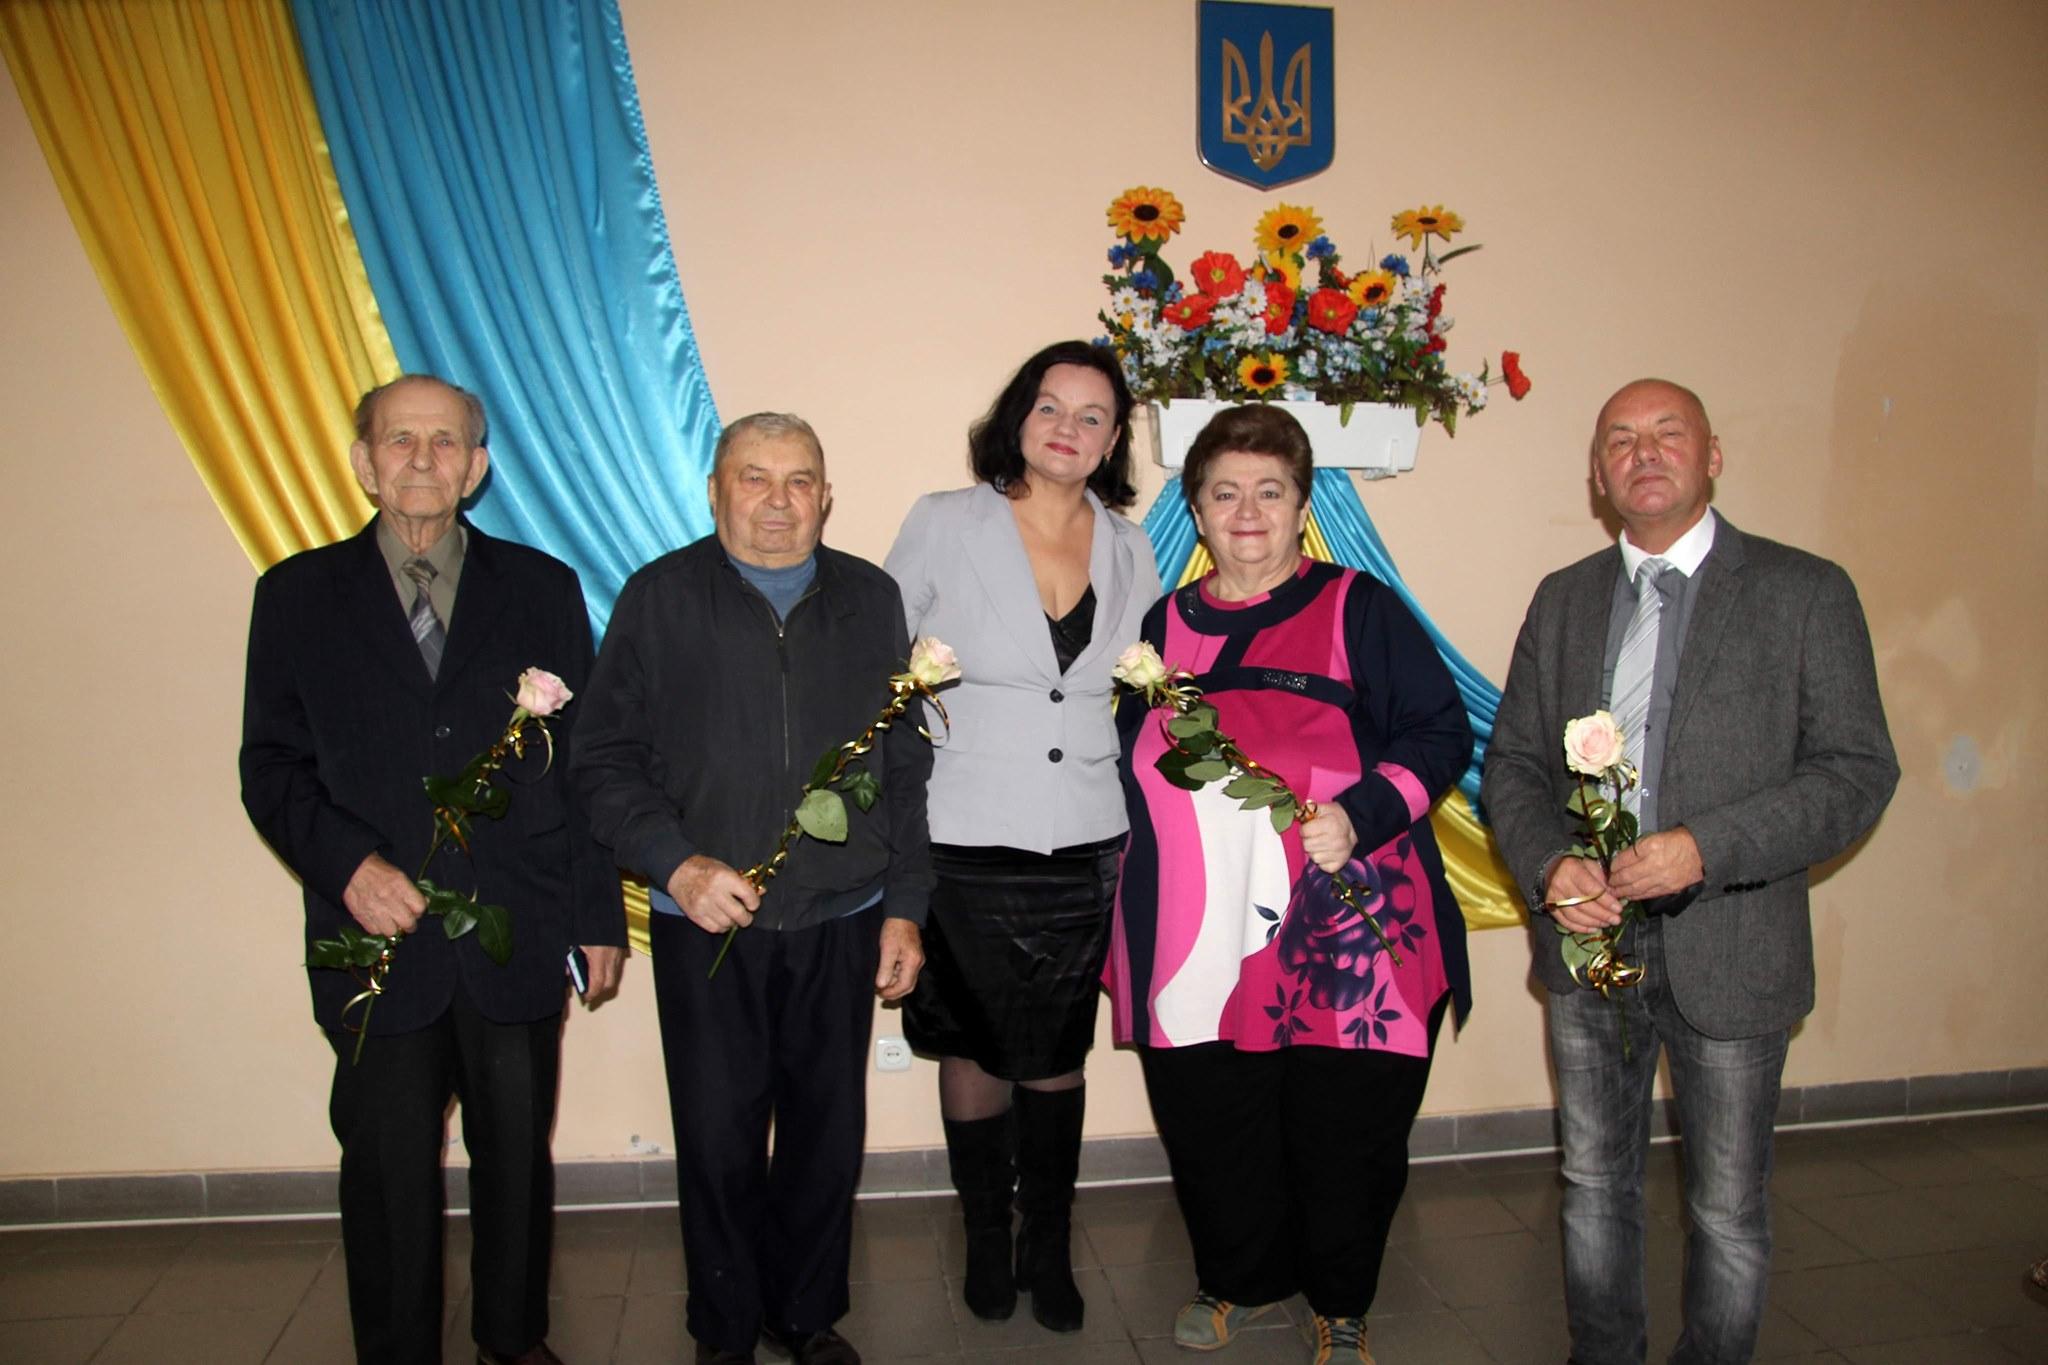 Звання «Почесний громадянин міста Сокаль» присвоїли чотирьом сокальчанам